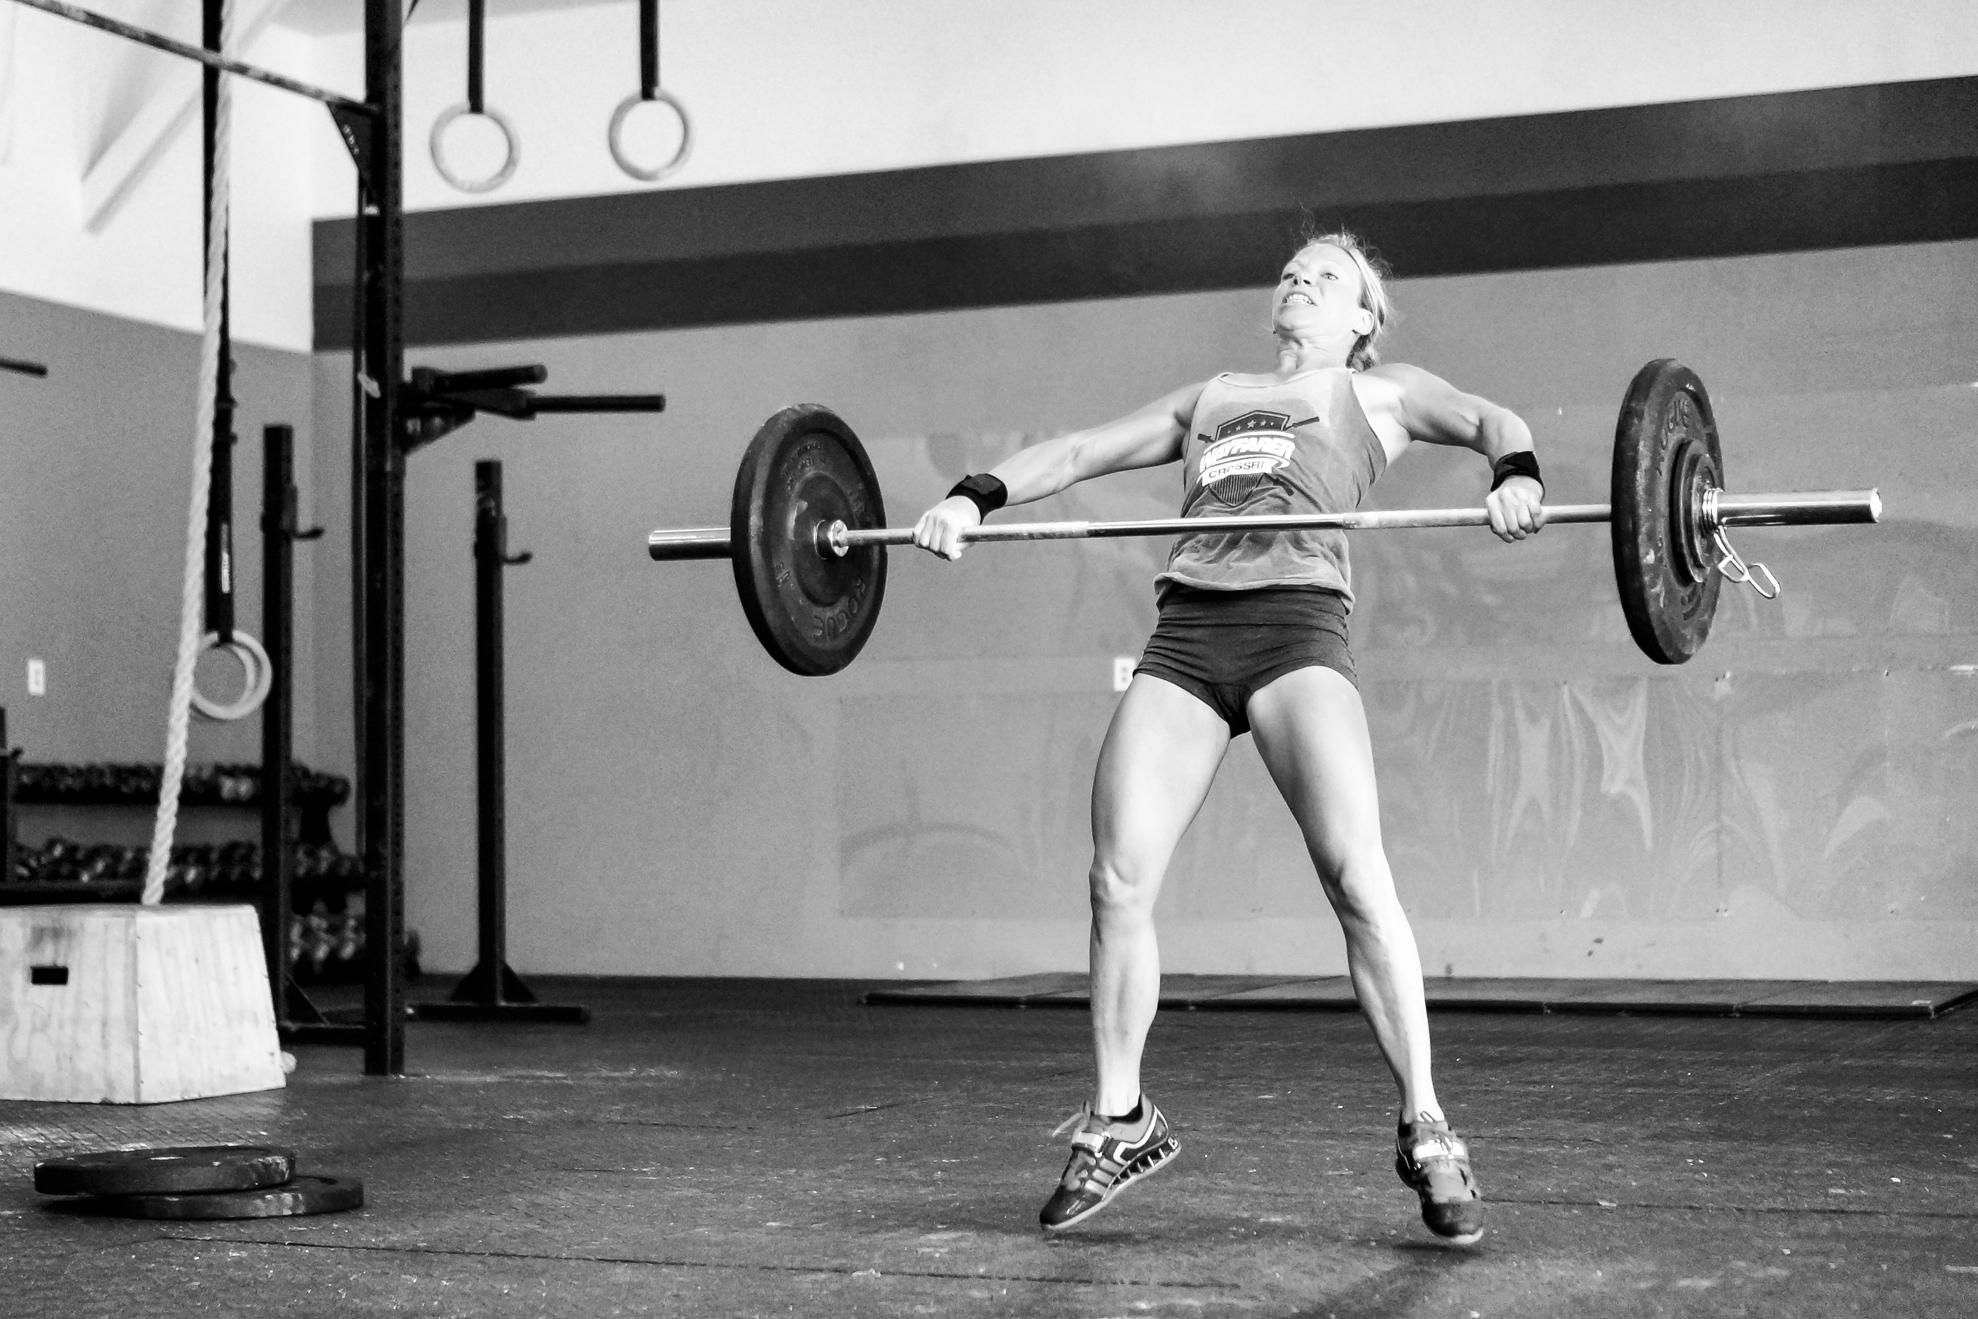 Se préparer pour le CrossFit Open 2017 : mouvements d'haltérophilie